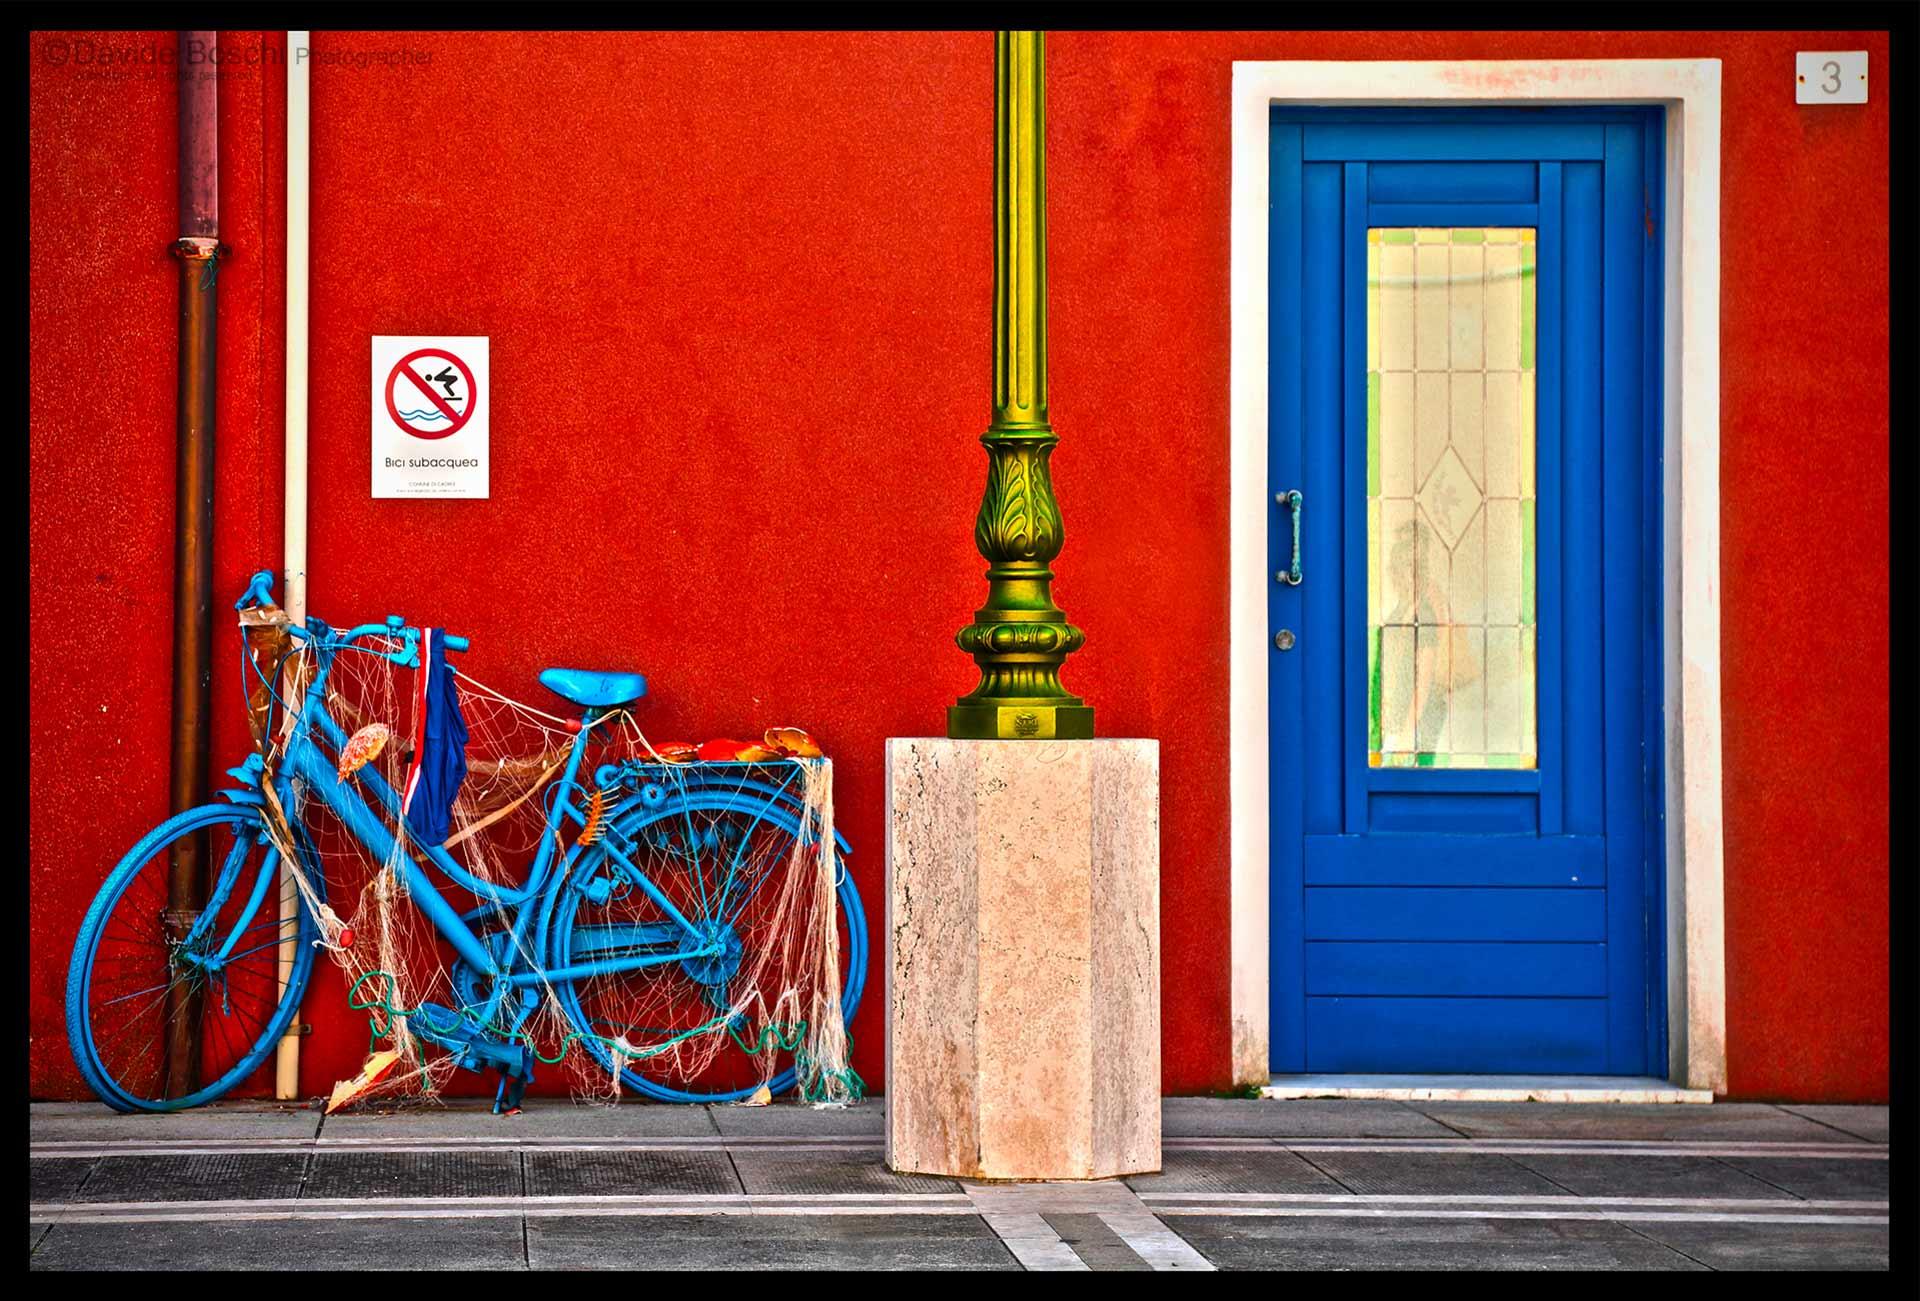 Foto di una bicicletta, avvolta in una rete,un cartello di vietato saltare in acqua nella parete